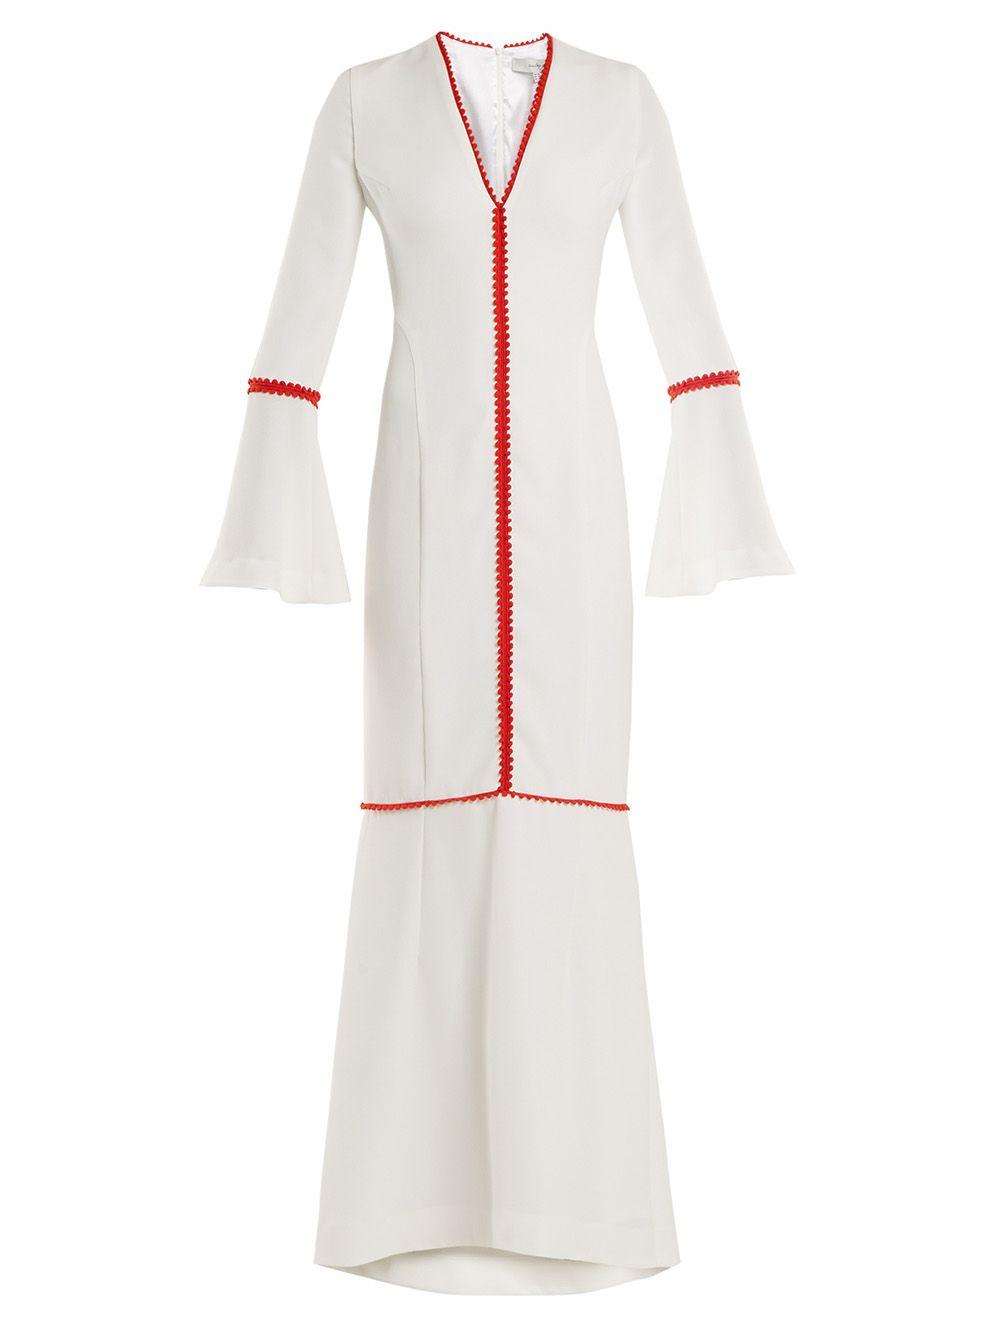 Maxi Bell Sleeve Dress